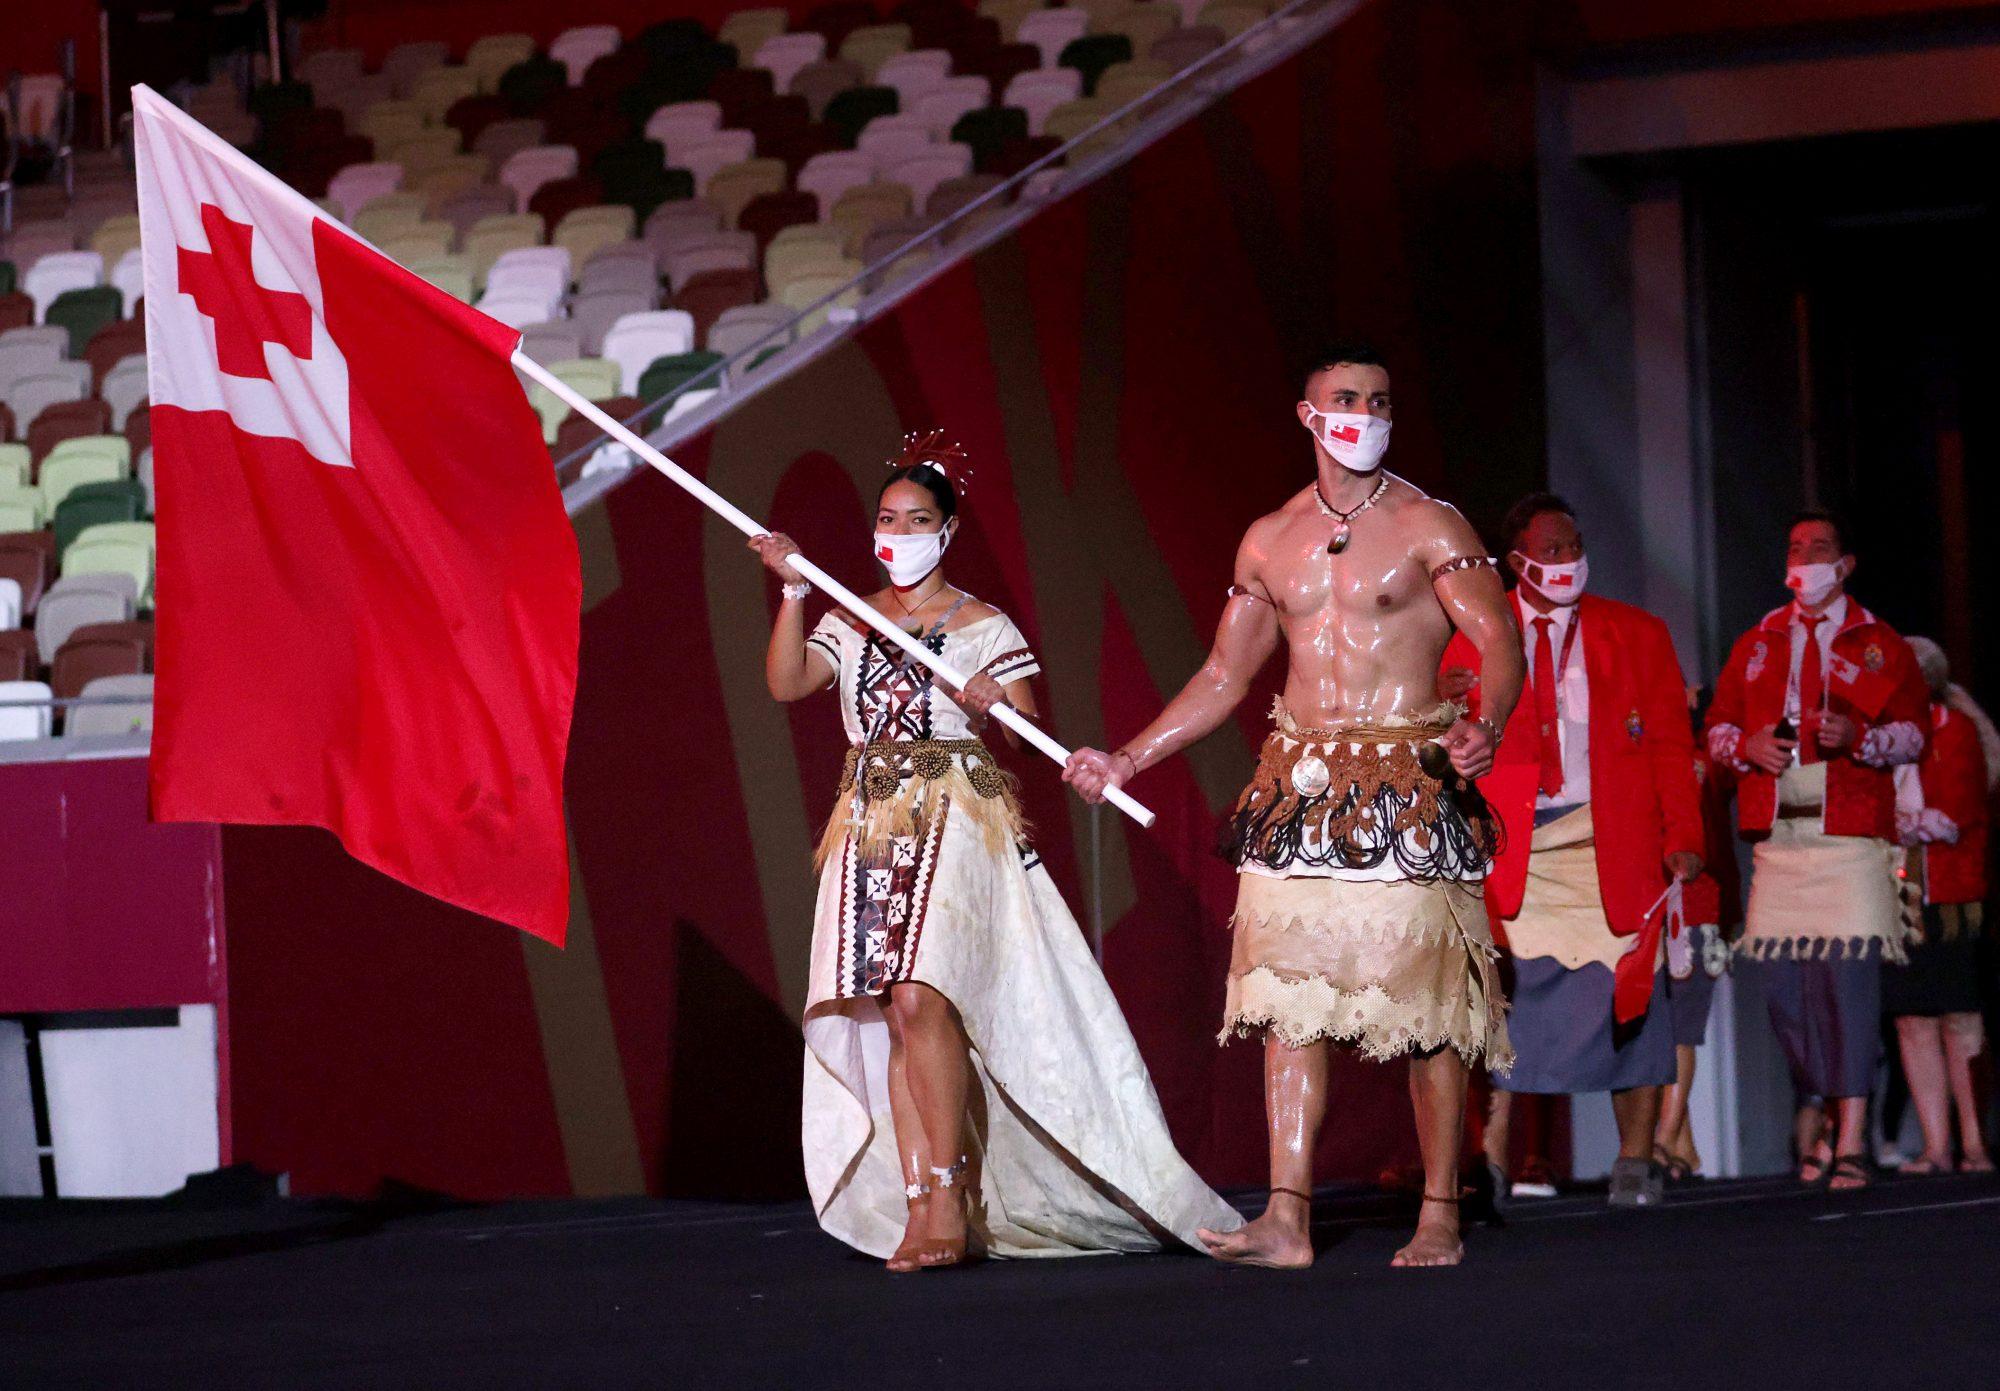 Así como lo hizo en Río 2016, Pita Taufatofua, taekwondista de Tongo, apareció en el desfile de naciones con su reluciente torso al descubierto —y de nuevo se robó las miradas del mundo.